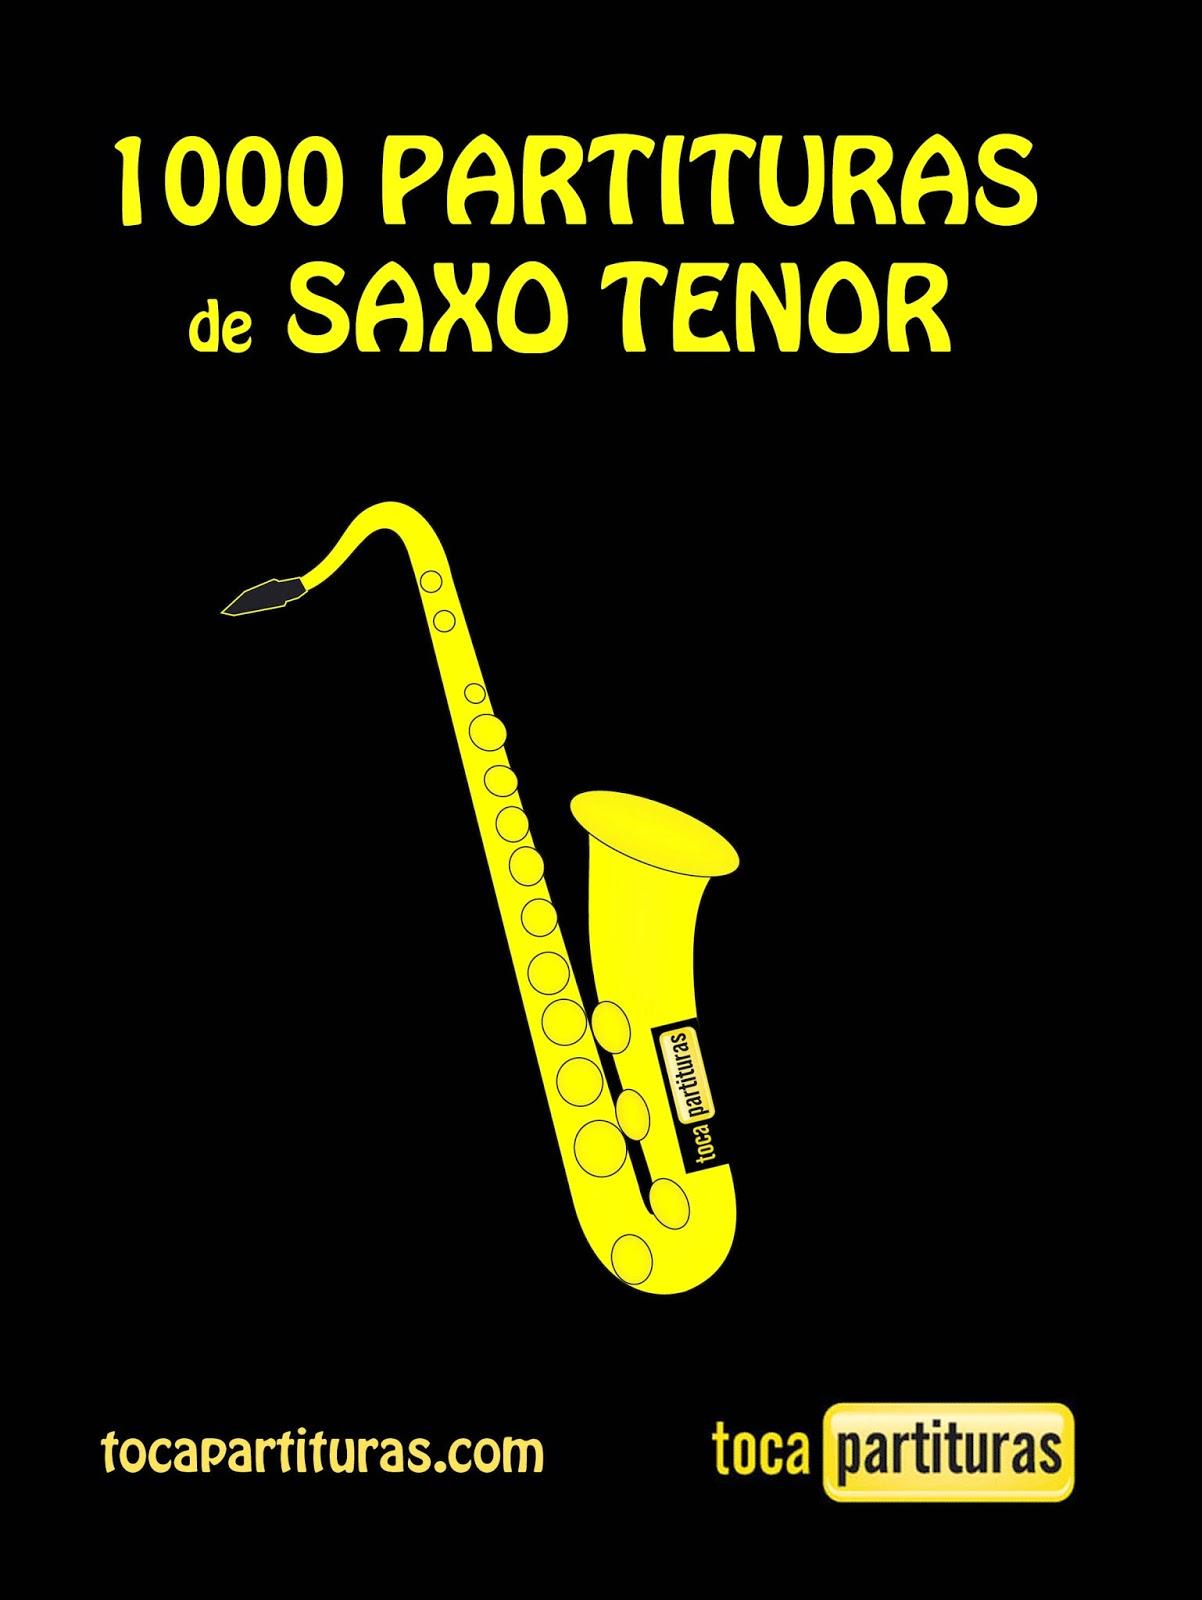 http://www.tocapartituras.com/p/partituras.html